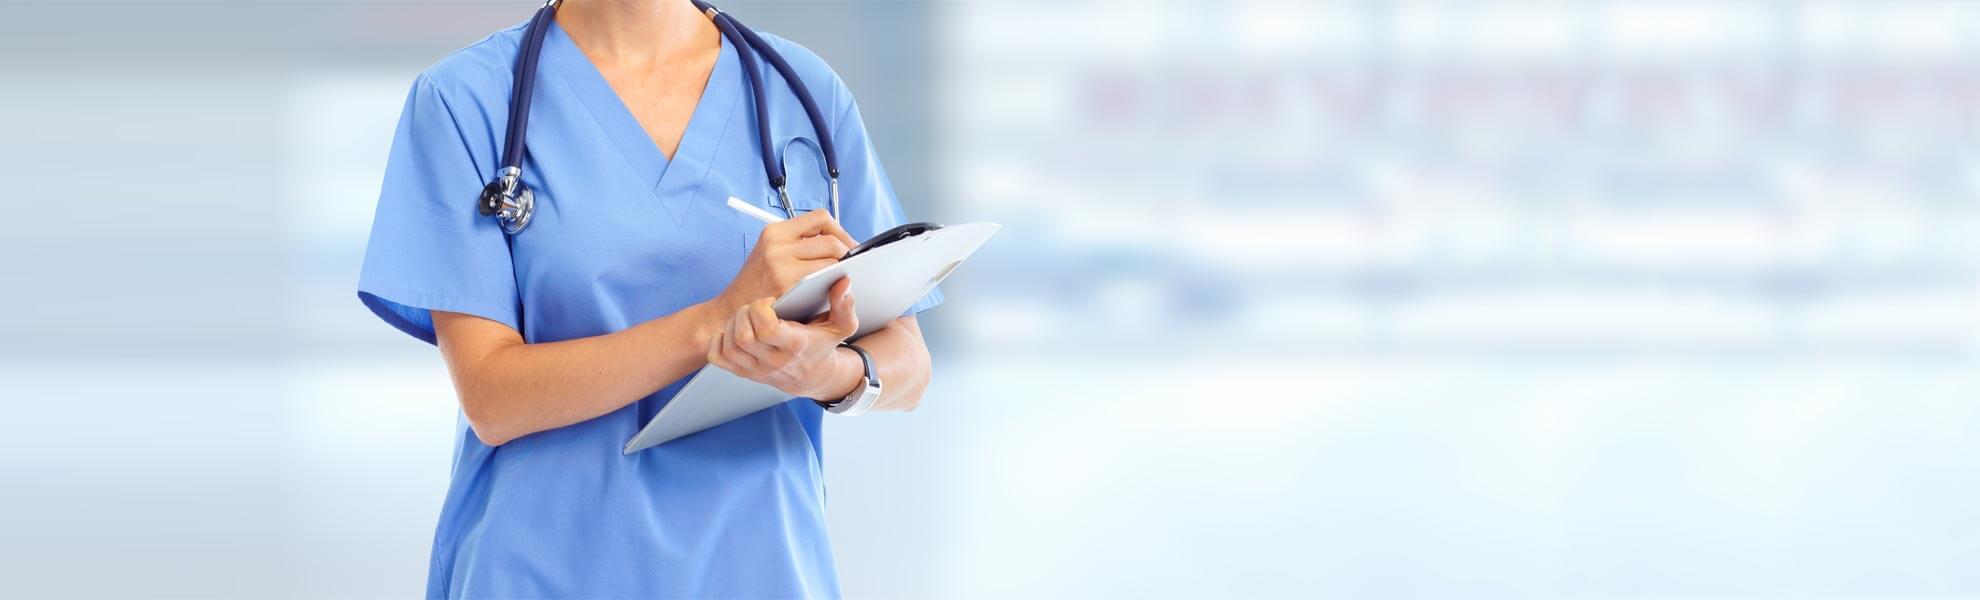 Referring Doctors | Georgia Prosthodontics Smile Specialists